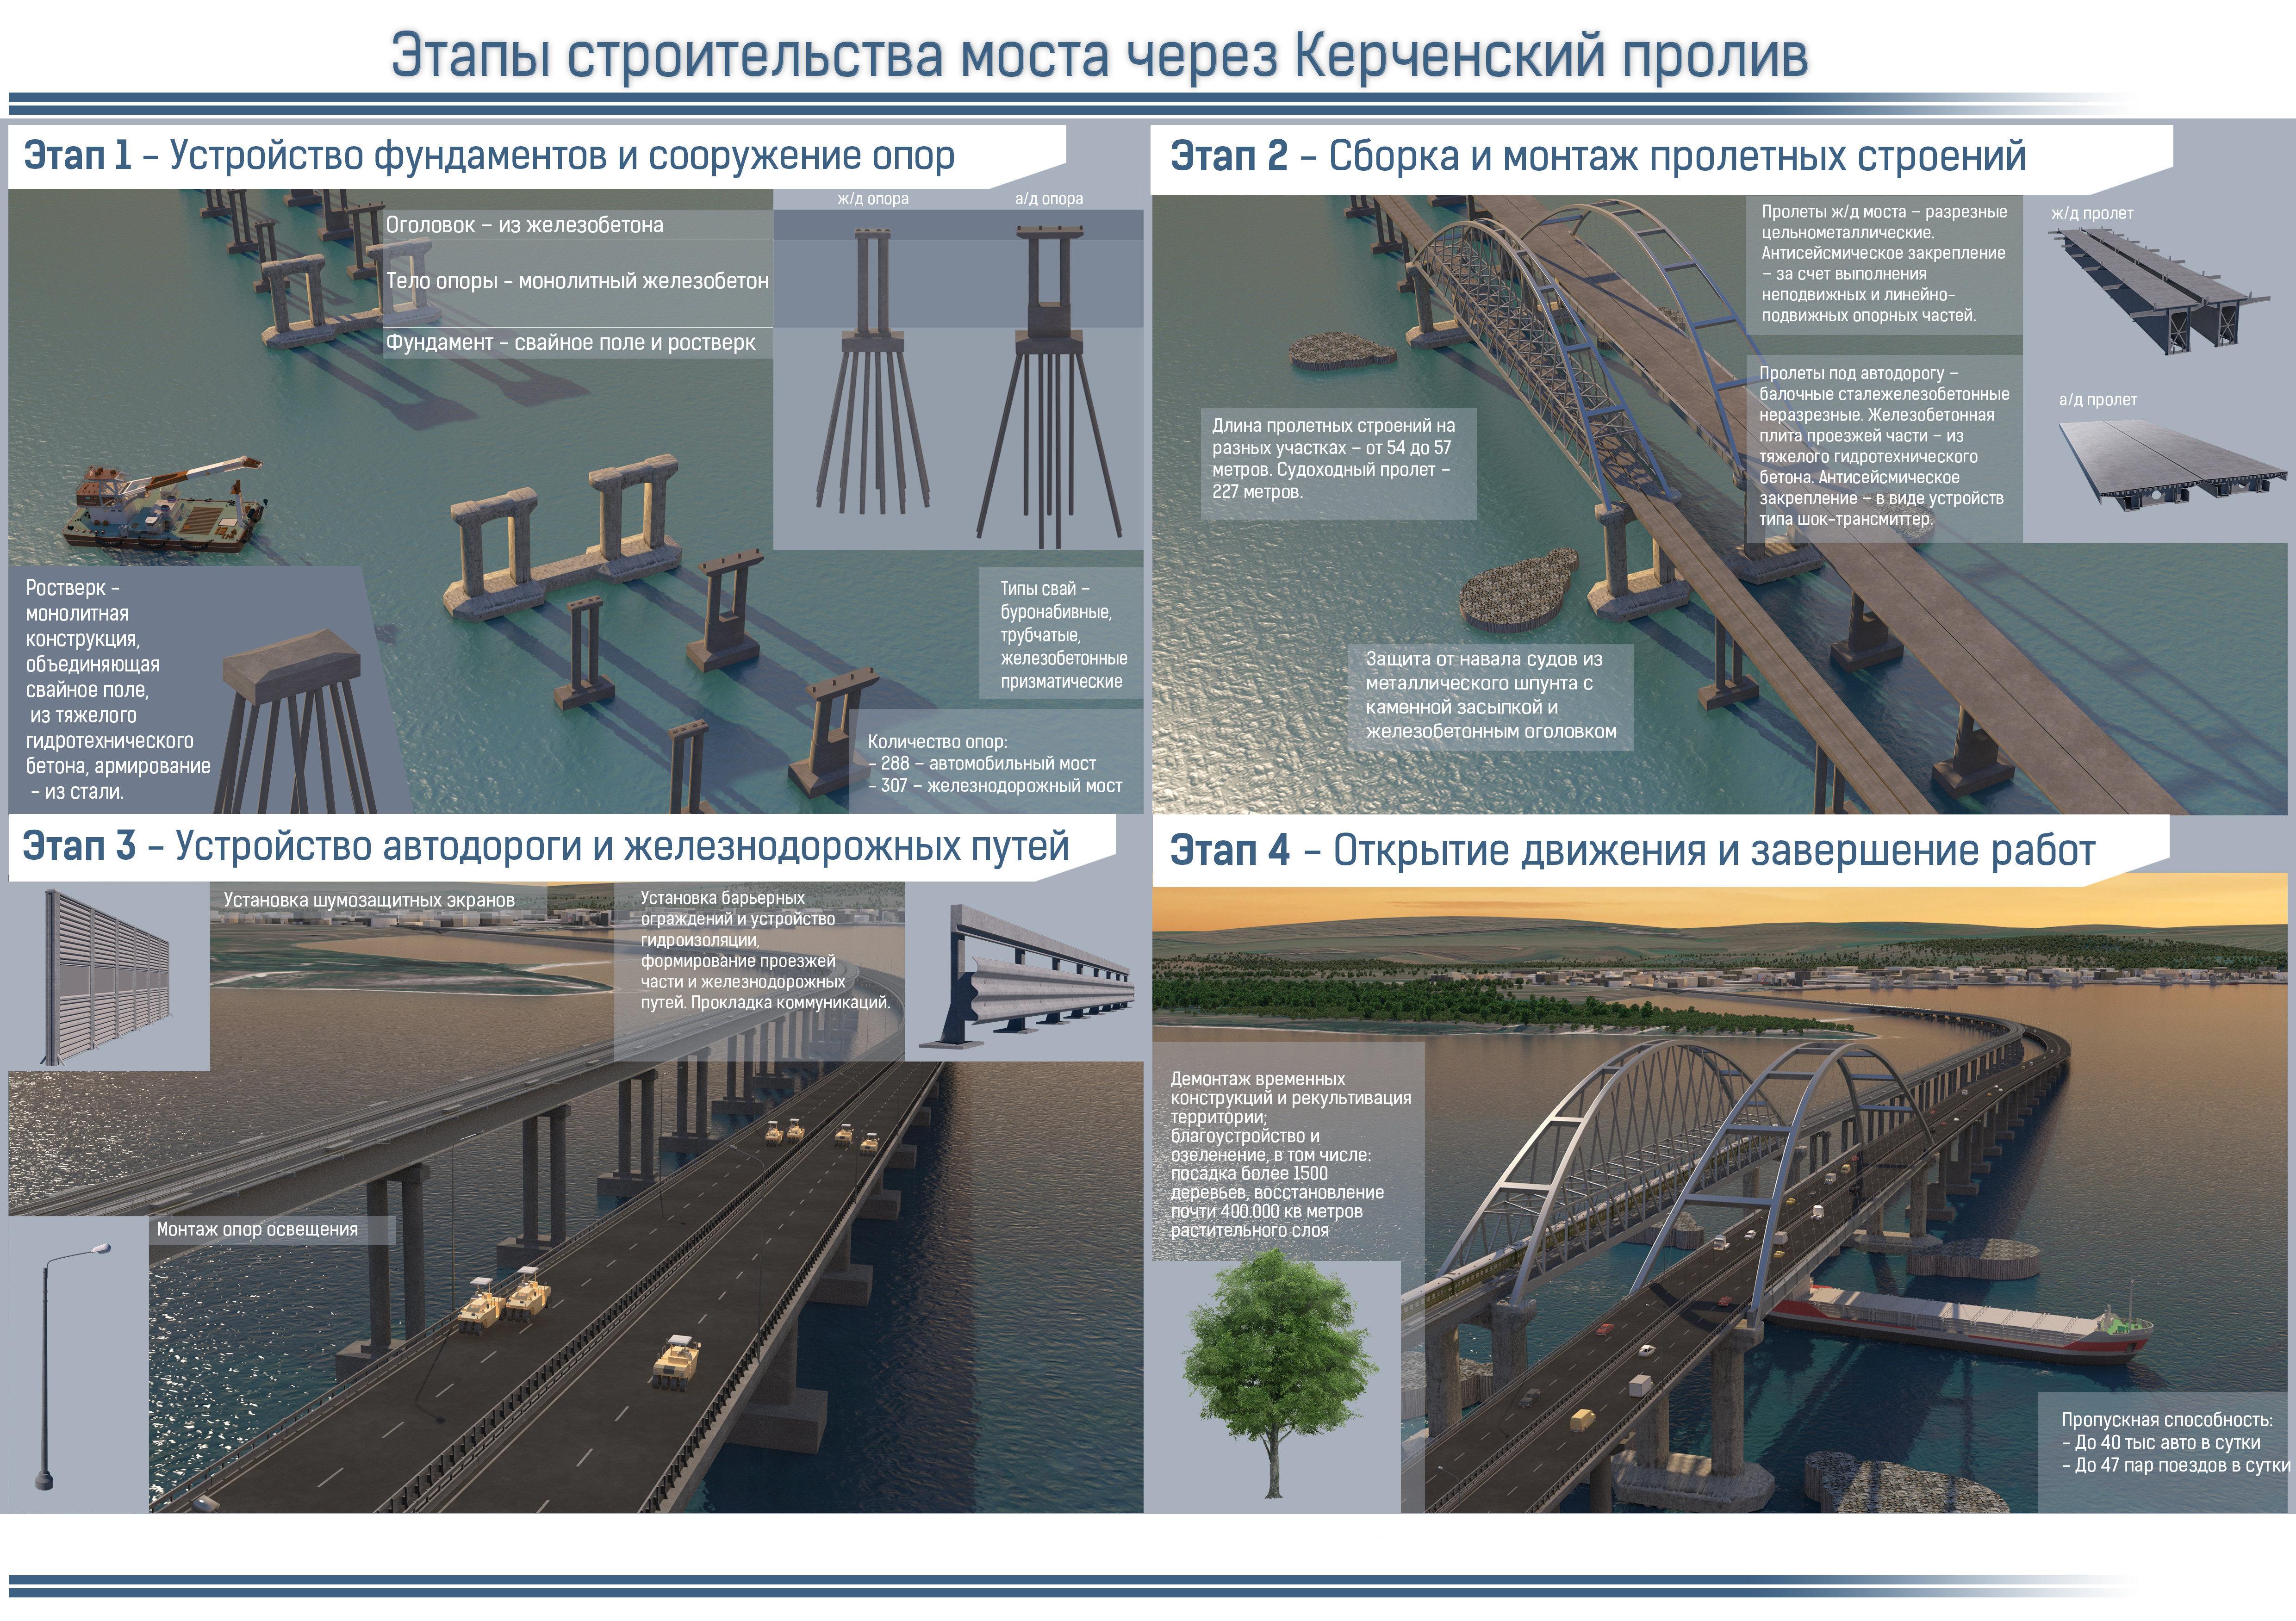 Как строят мост через керченский пролив сегодня